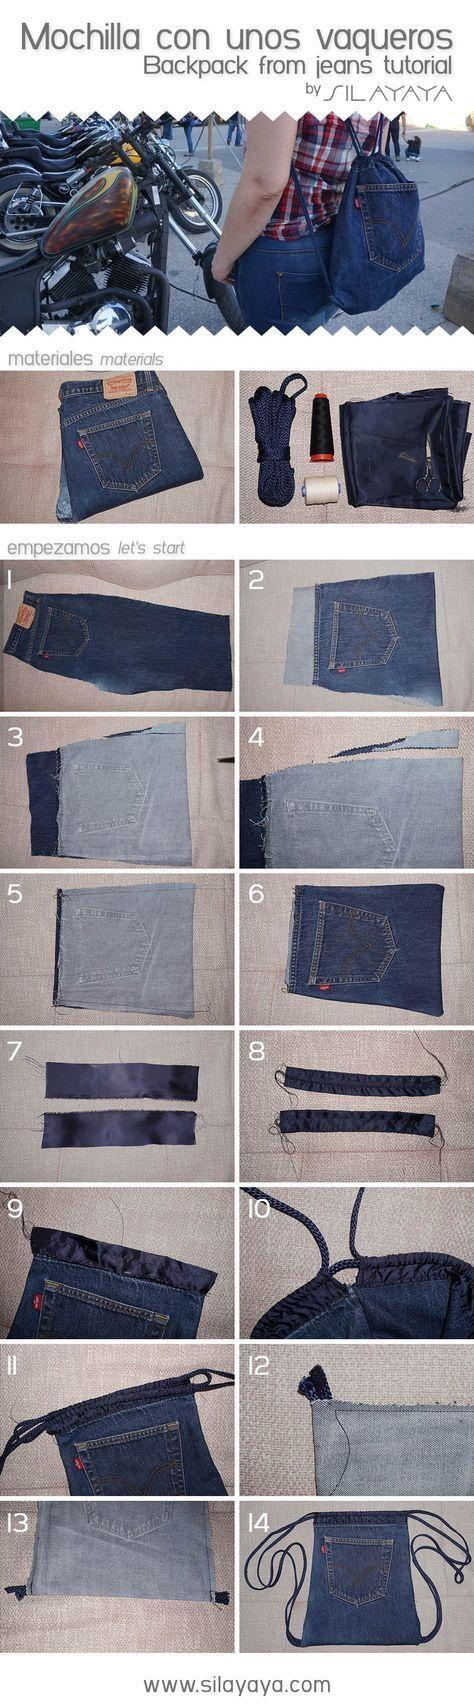 Tutorial mochila vaquera hecha con unos Levis. Backpack from jeans DIY #vaqueros